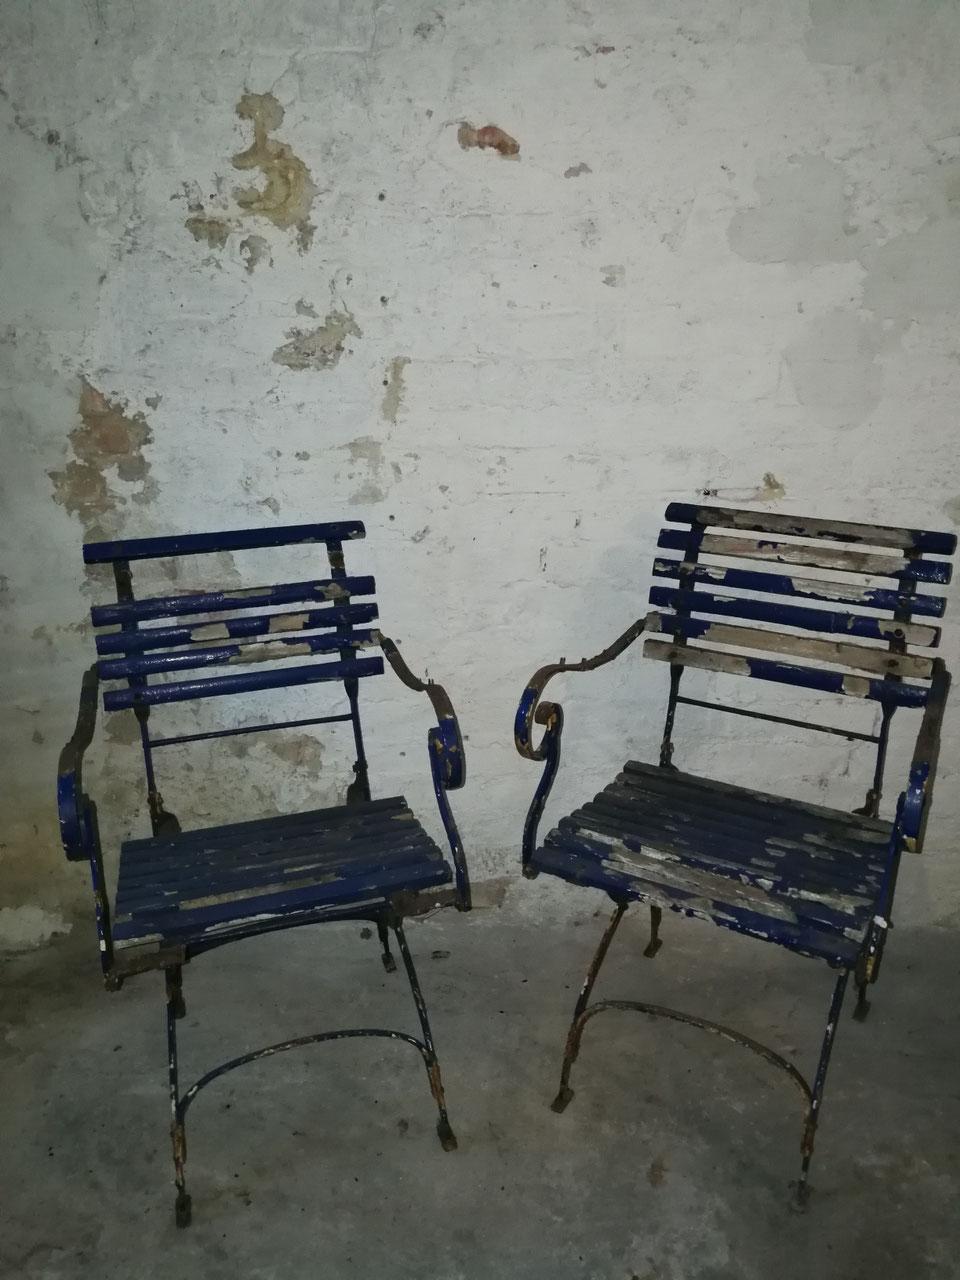 St hle b nke liegen villaterra vintage industrie - Gartentischchen metall ...